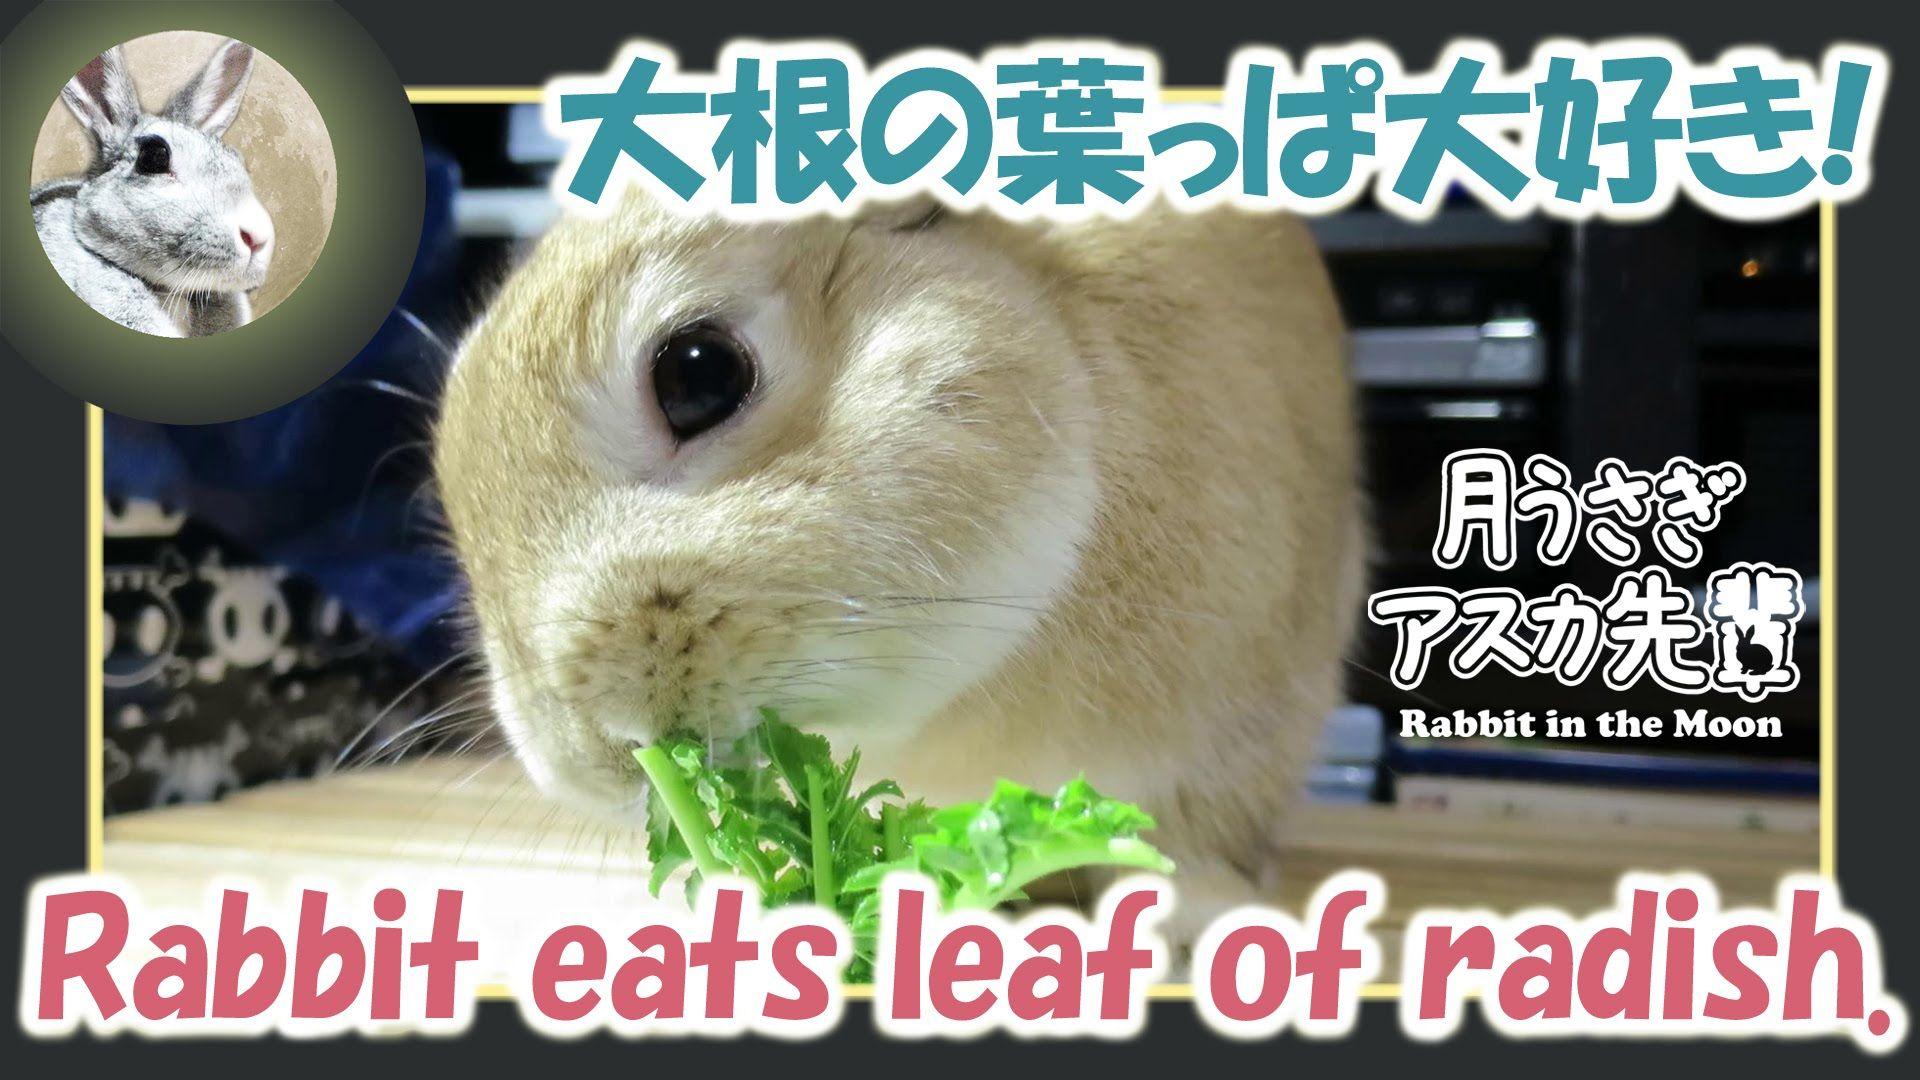 大根の葉っぱ大好き!【ウサギのだいだい 】 Rabbit eats leaf of radish. 2016年1月9日